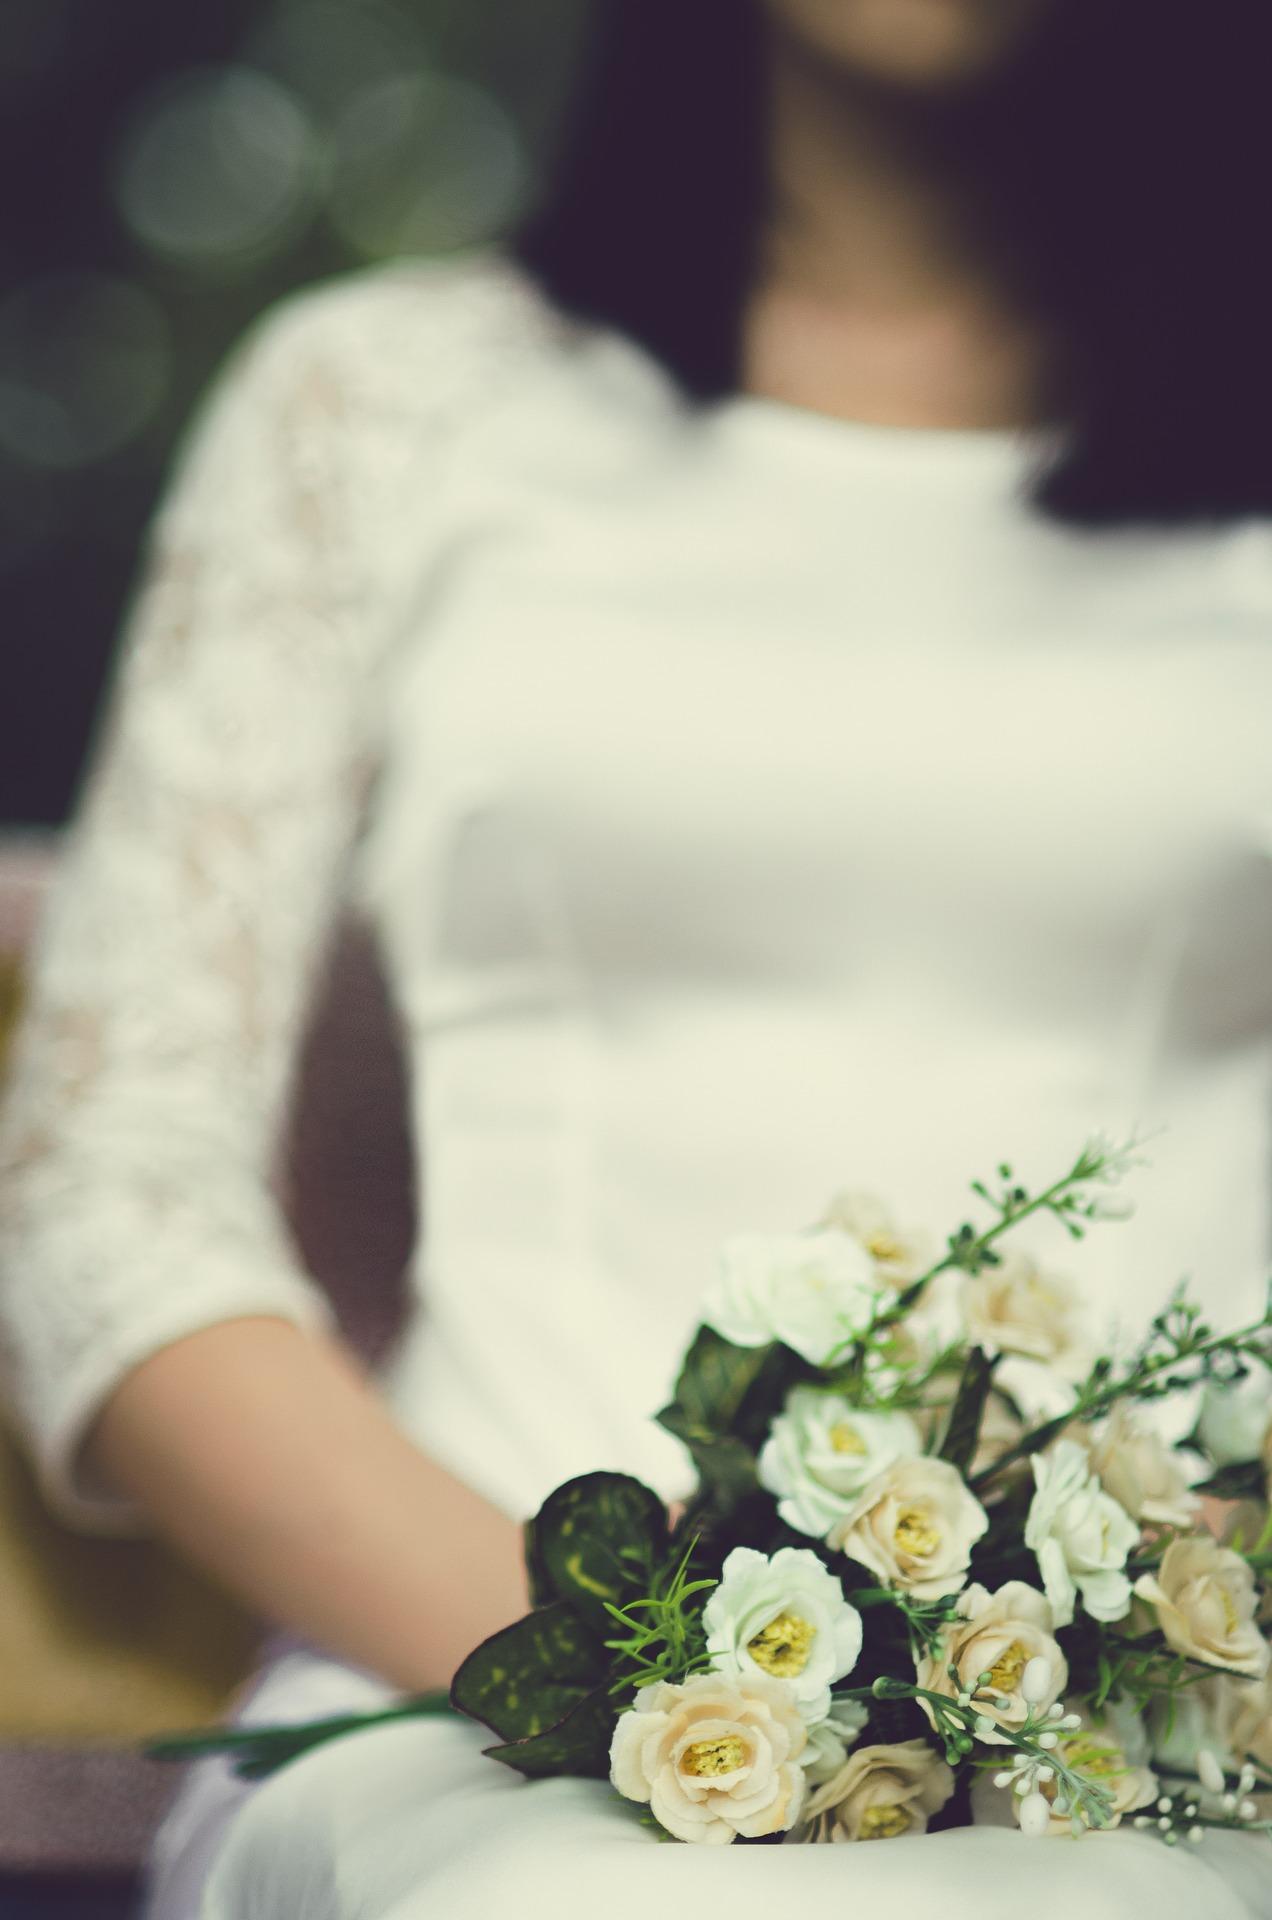 Compara los precios de los vestidos de novia